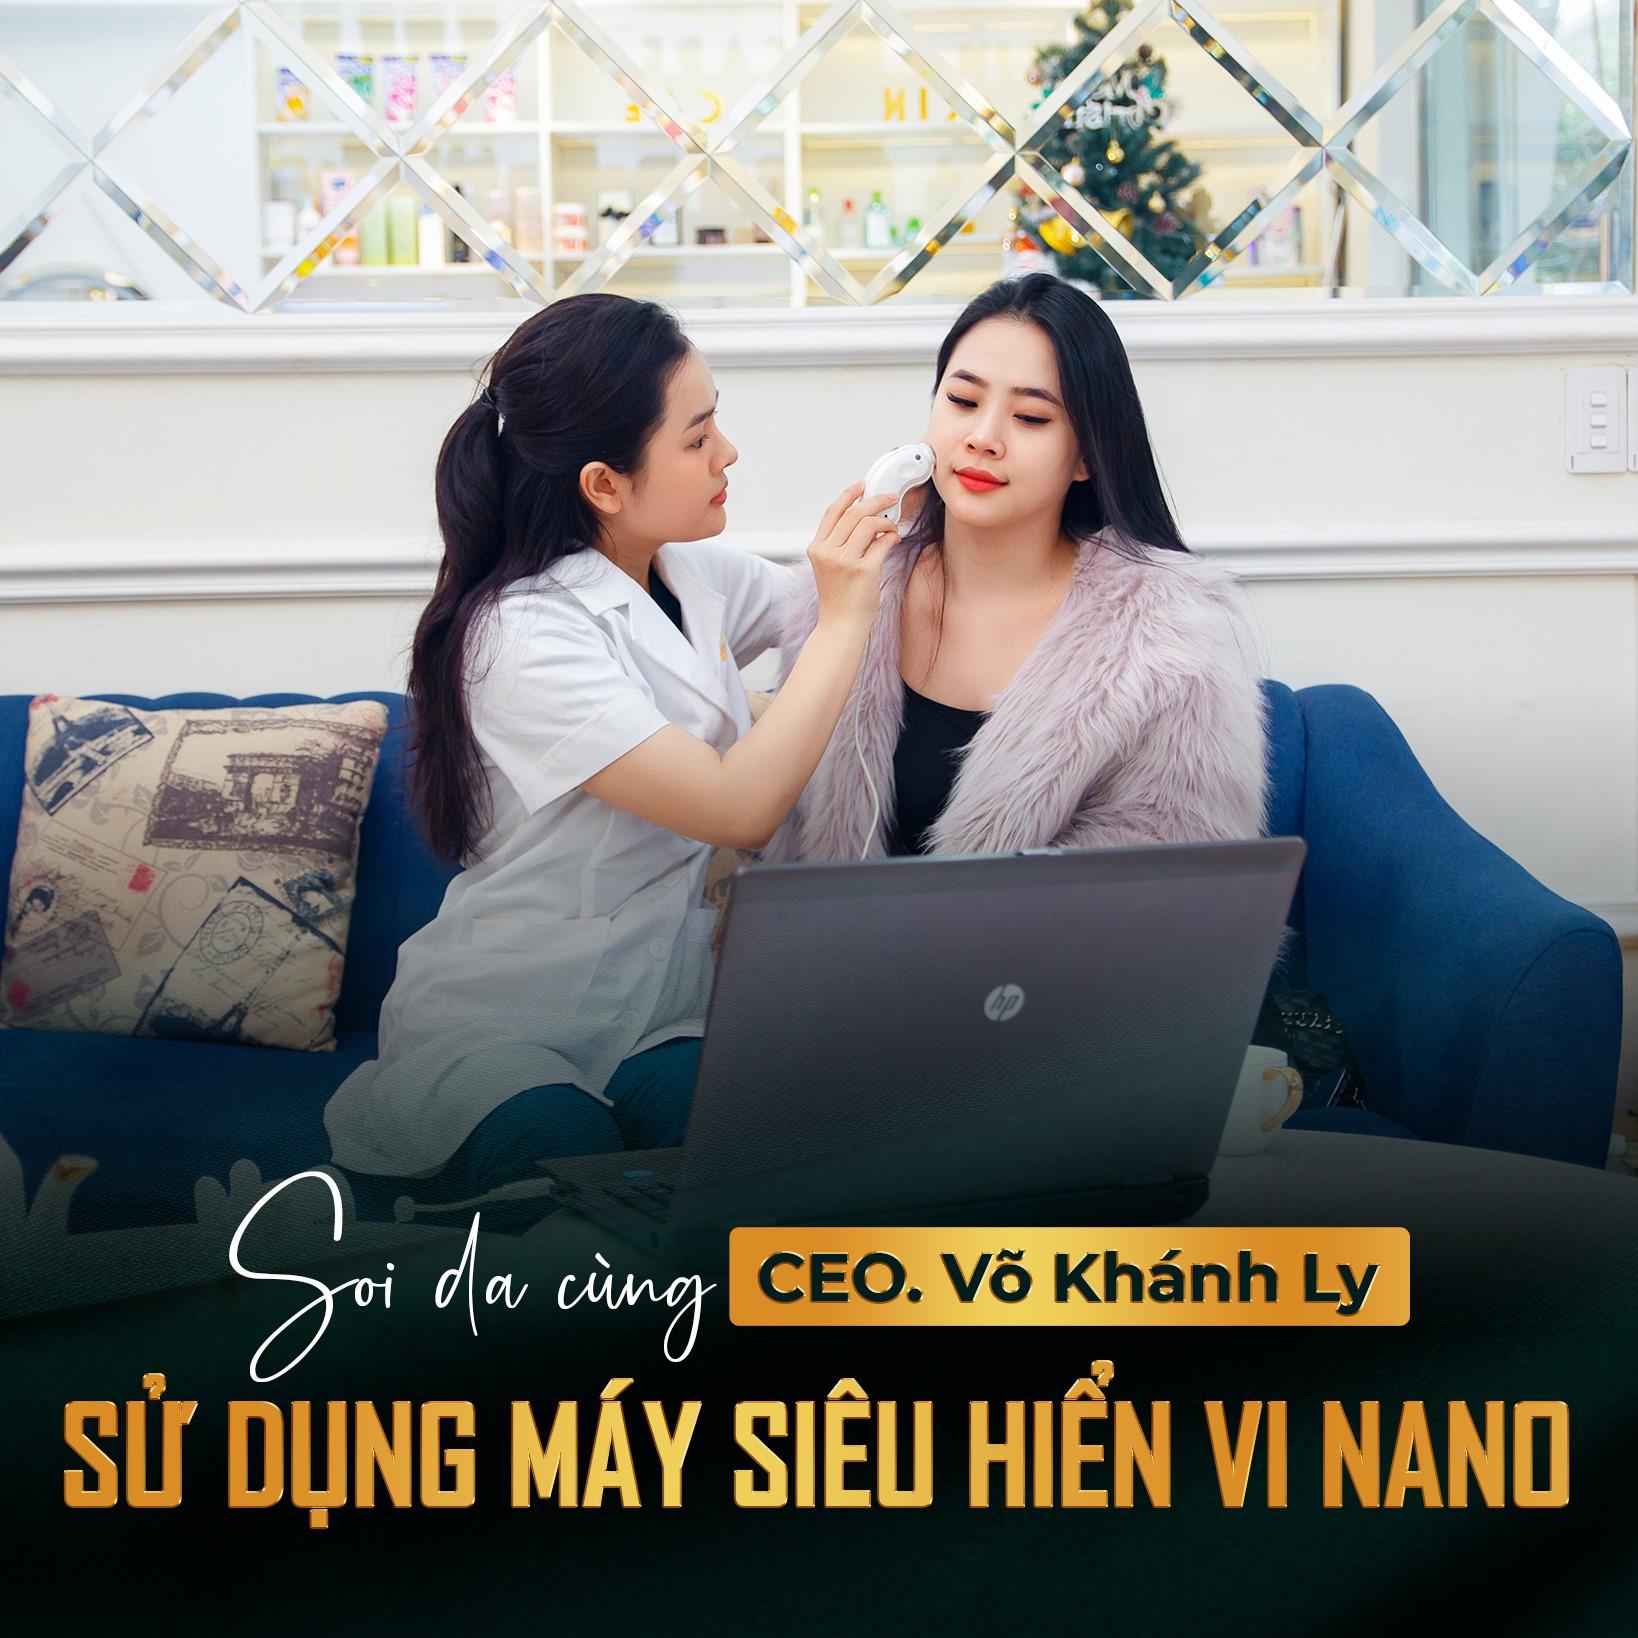 Soi da cùng CEO Võ Khánh Ly, sử dụng máy siêu hiển vi nano